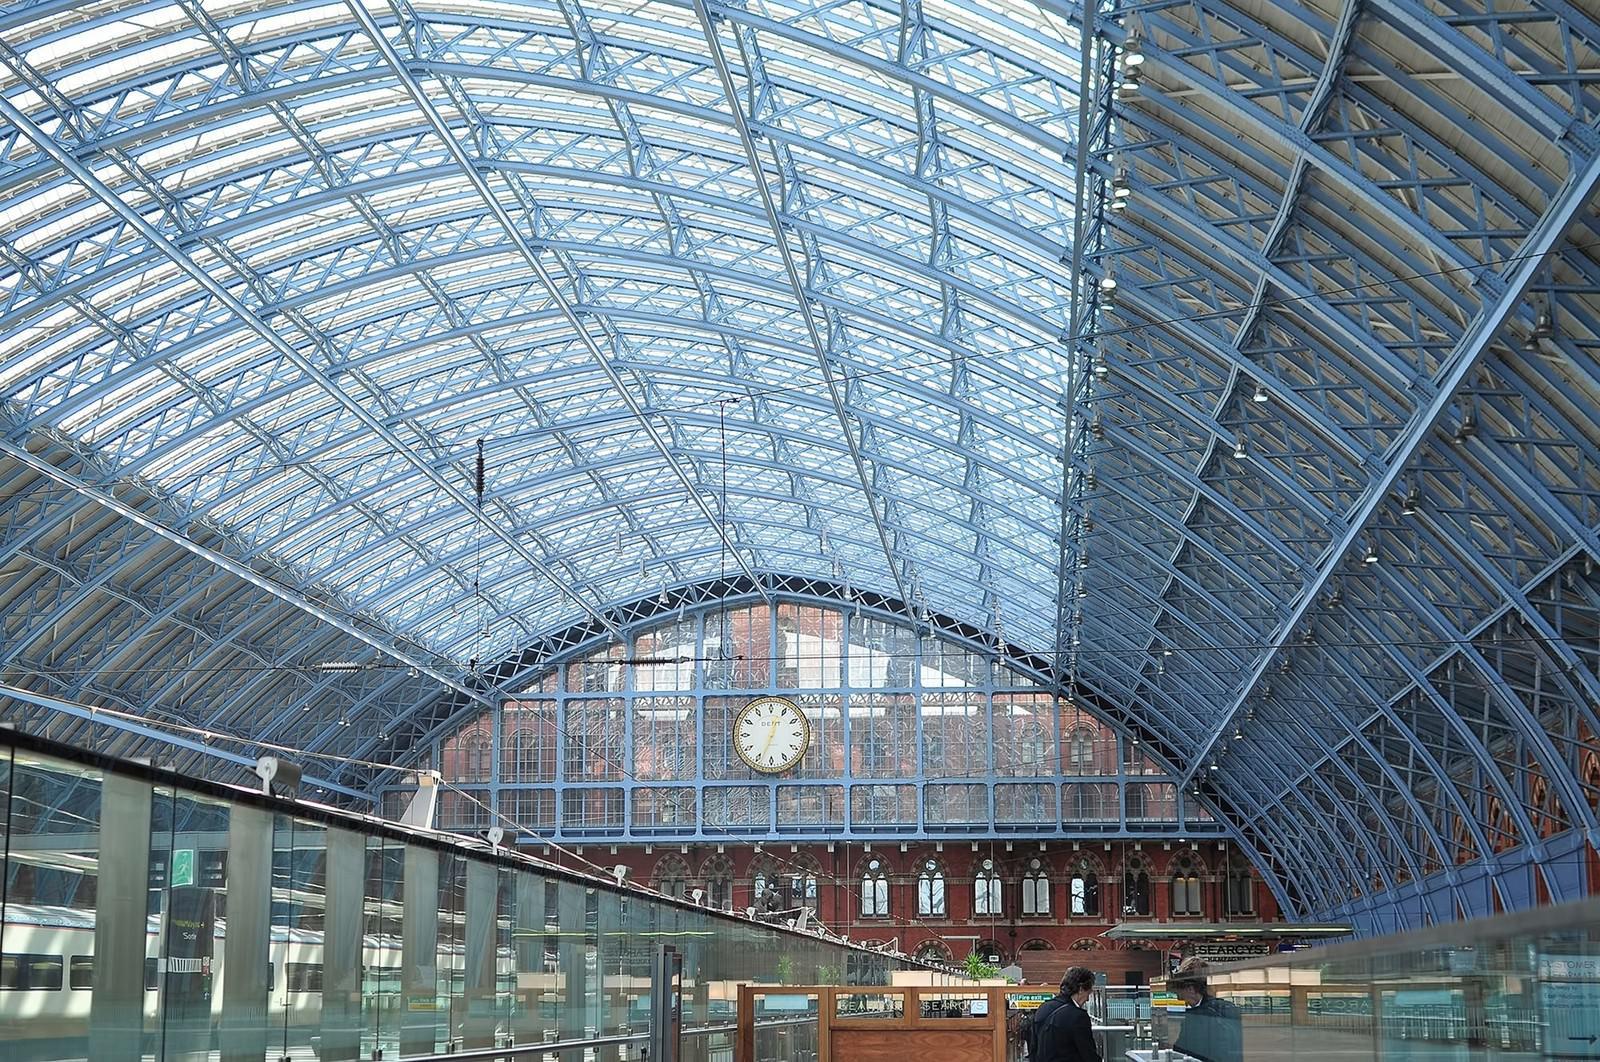 「ロンドンのウォータールー駅の鉄骨   写真の無料素材・フリー素材 - ぱくたそ」の写真